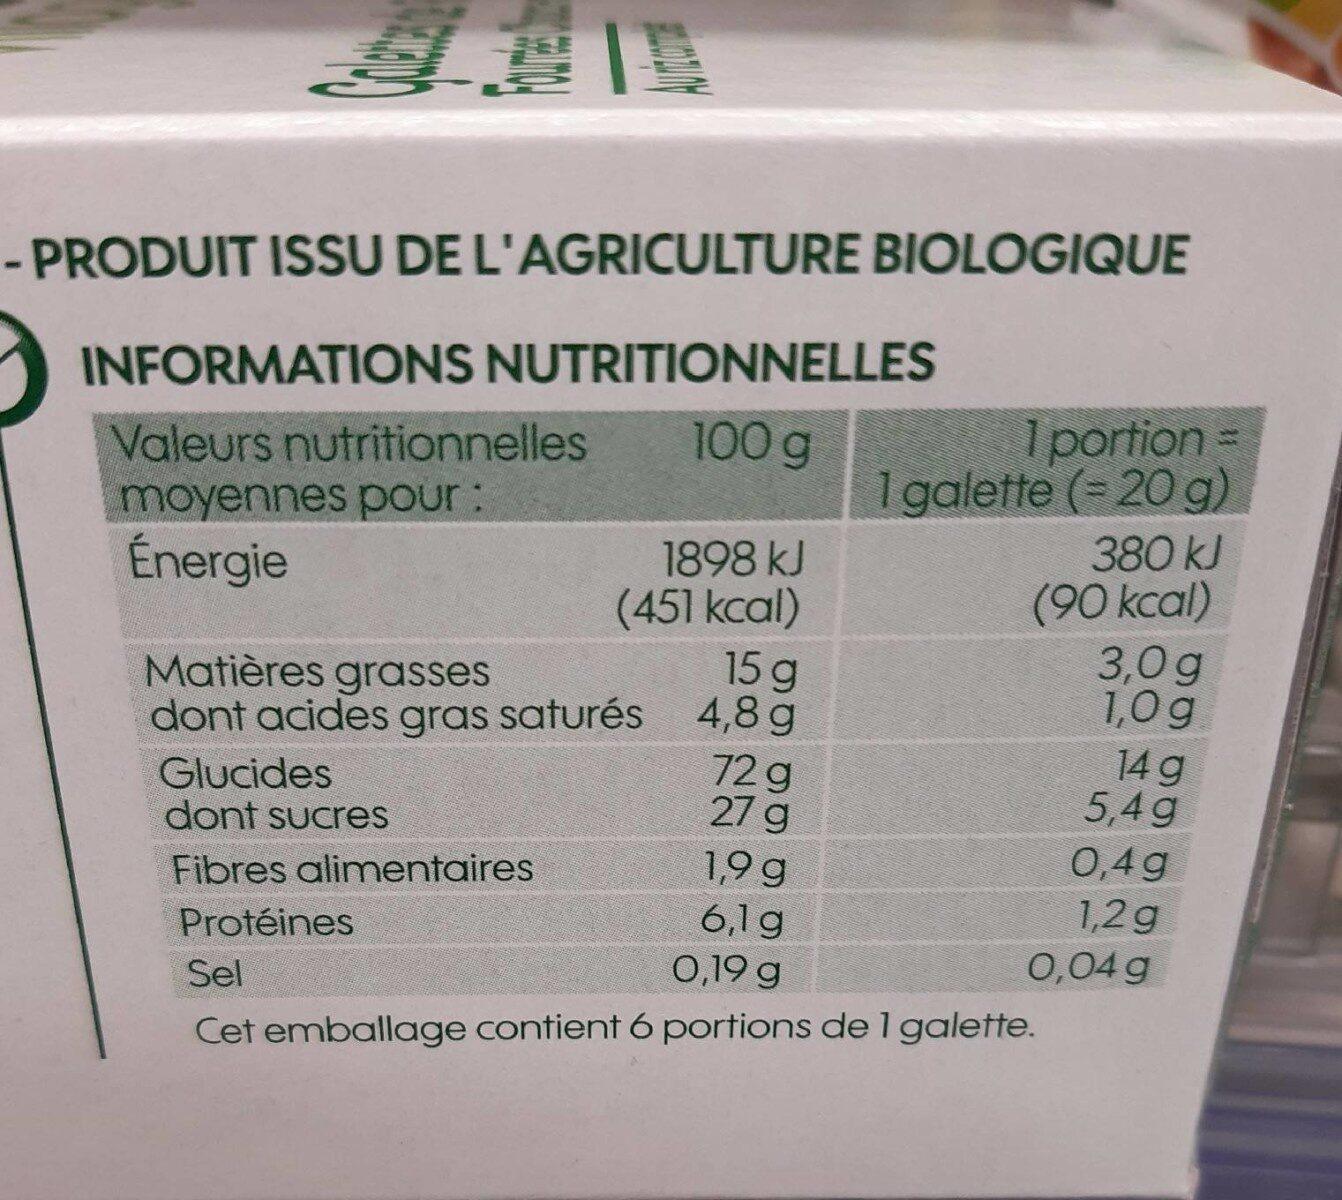 Galettes de riz fourrées chocolat noisette bio x 6 - Voedingswaarden - fr